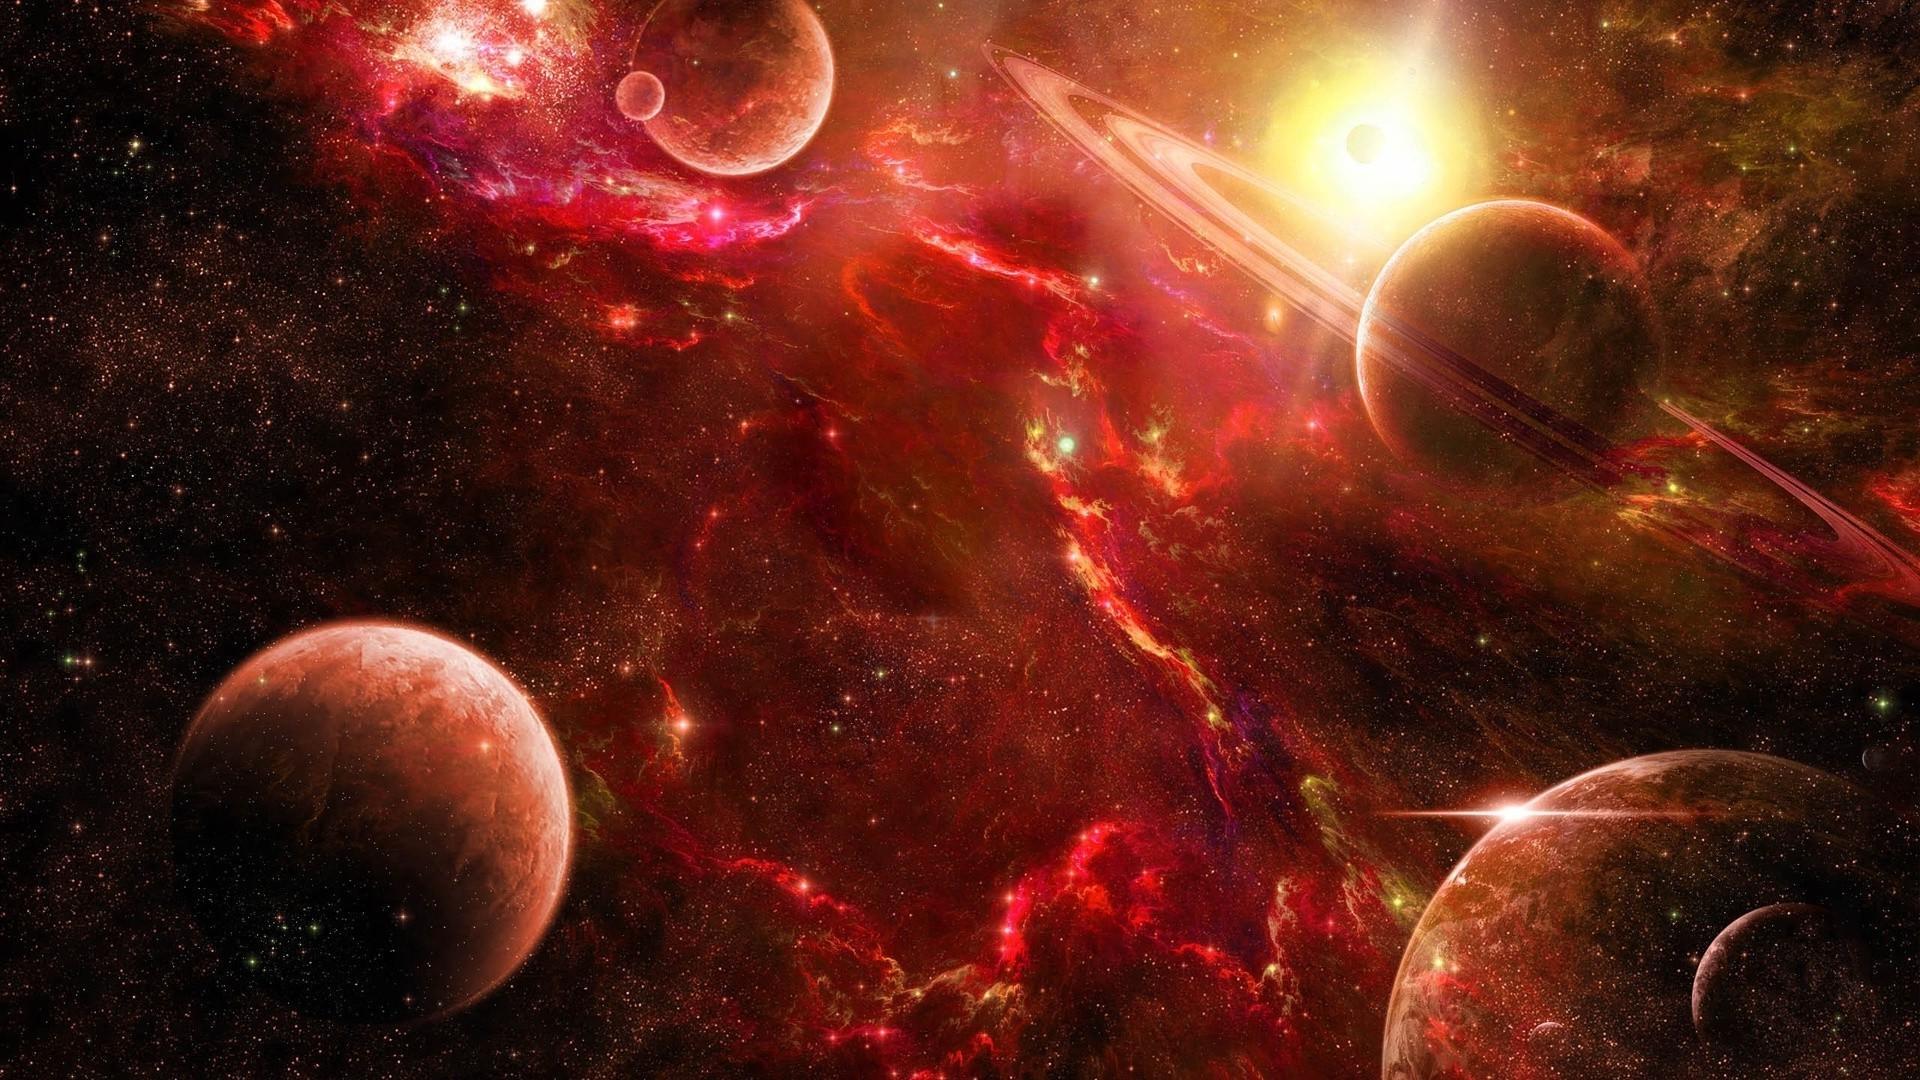 красивые картинки космоса на рабочий изделия